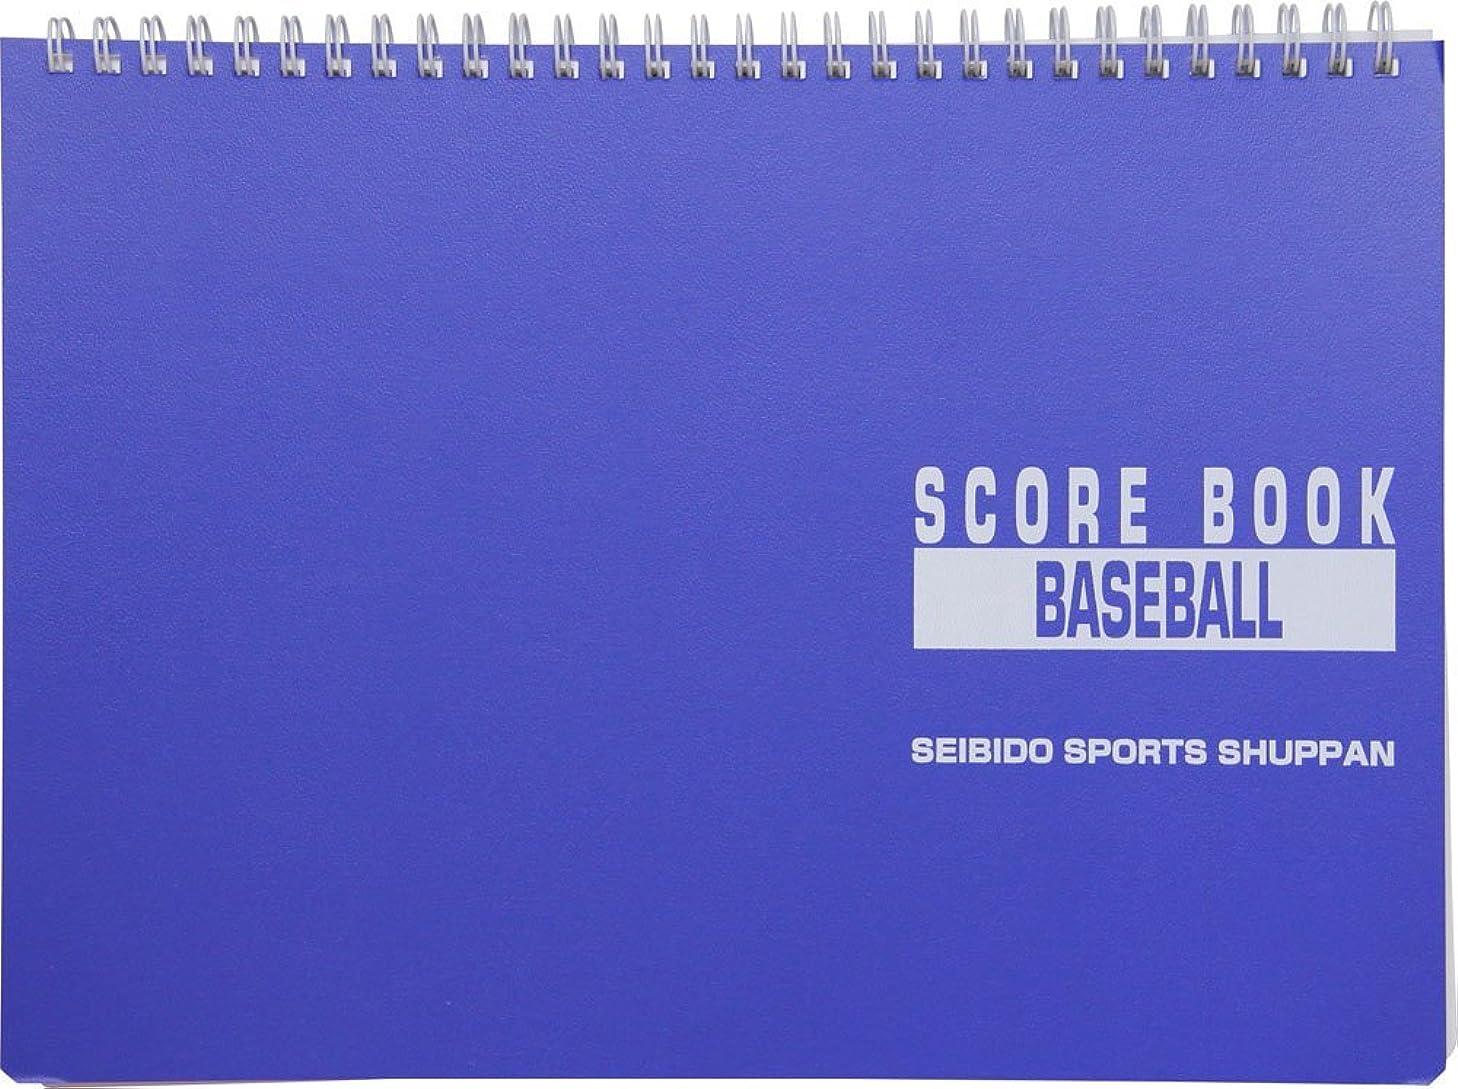 熟読供給欠乏ミカサ サッカーボール作戦盤 フルコート/ハーフコート両面使用 ケース付 SB-F